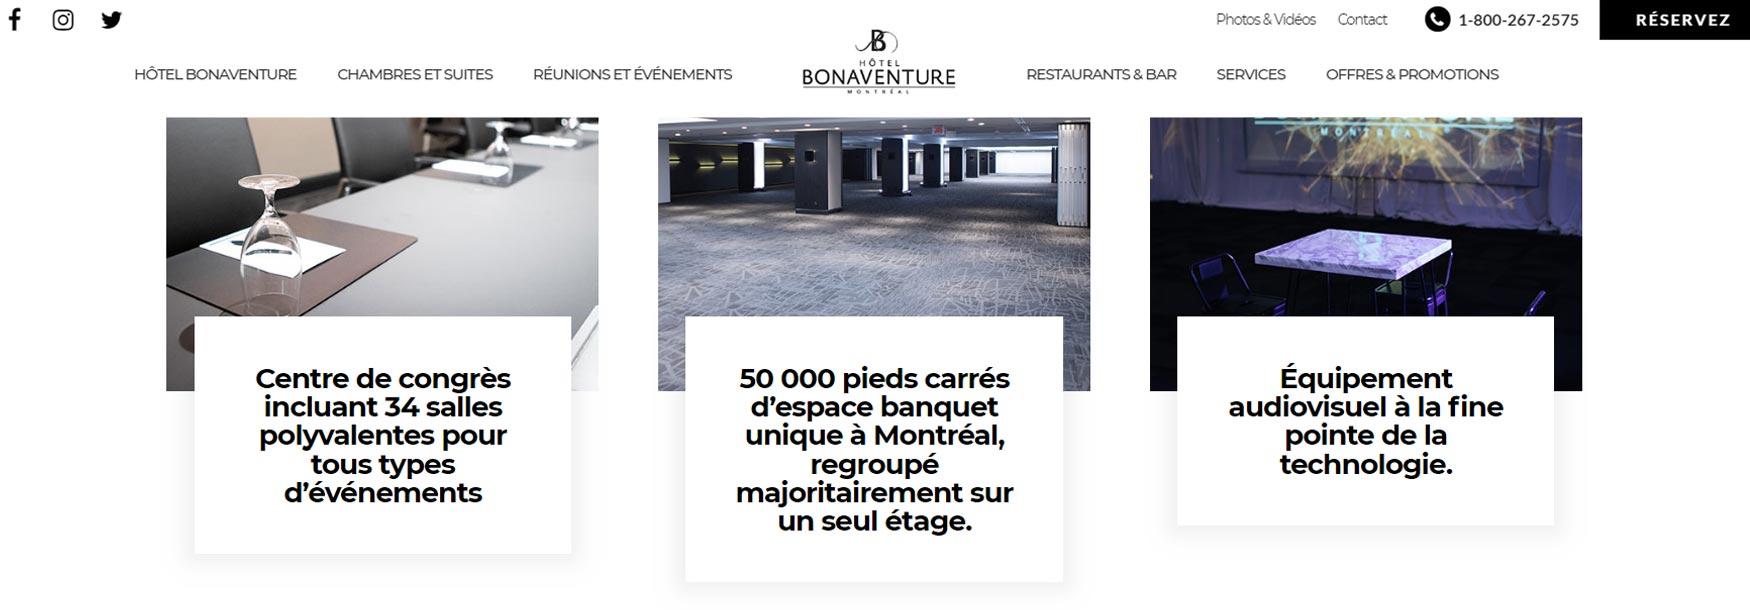 hotel-bonaventure-3